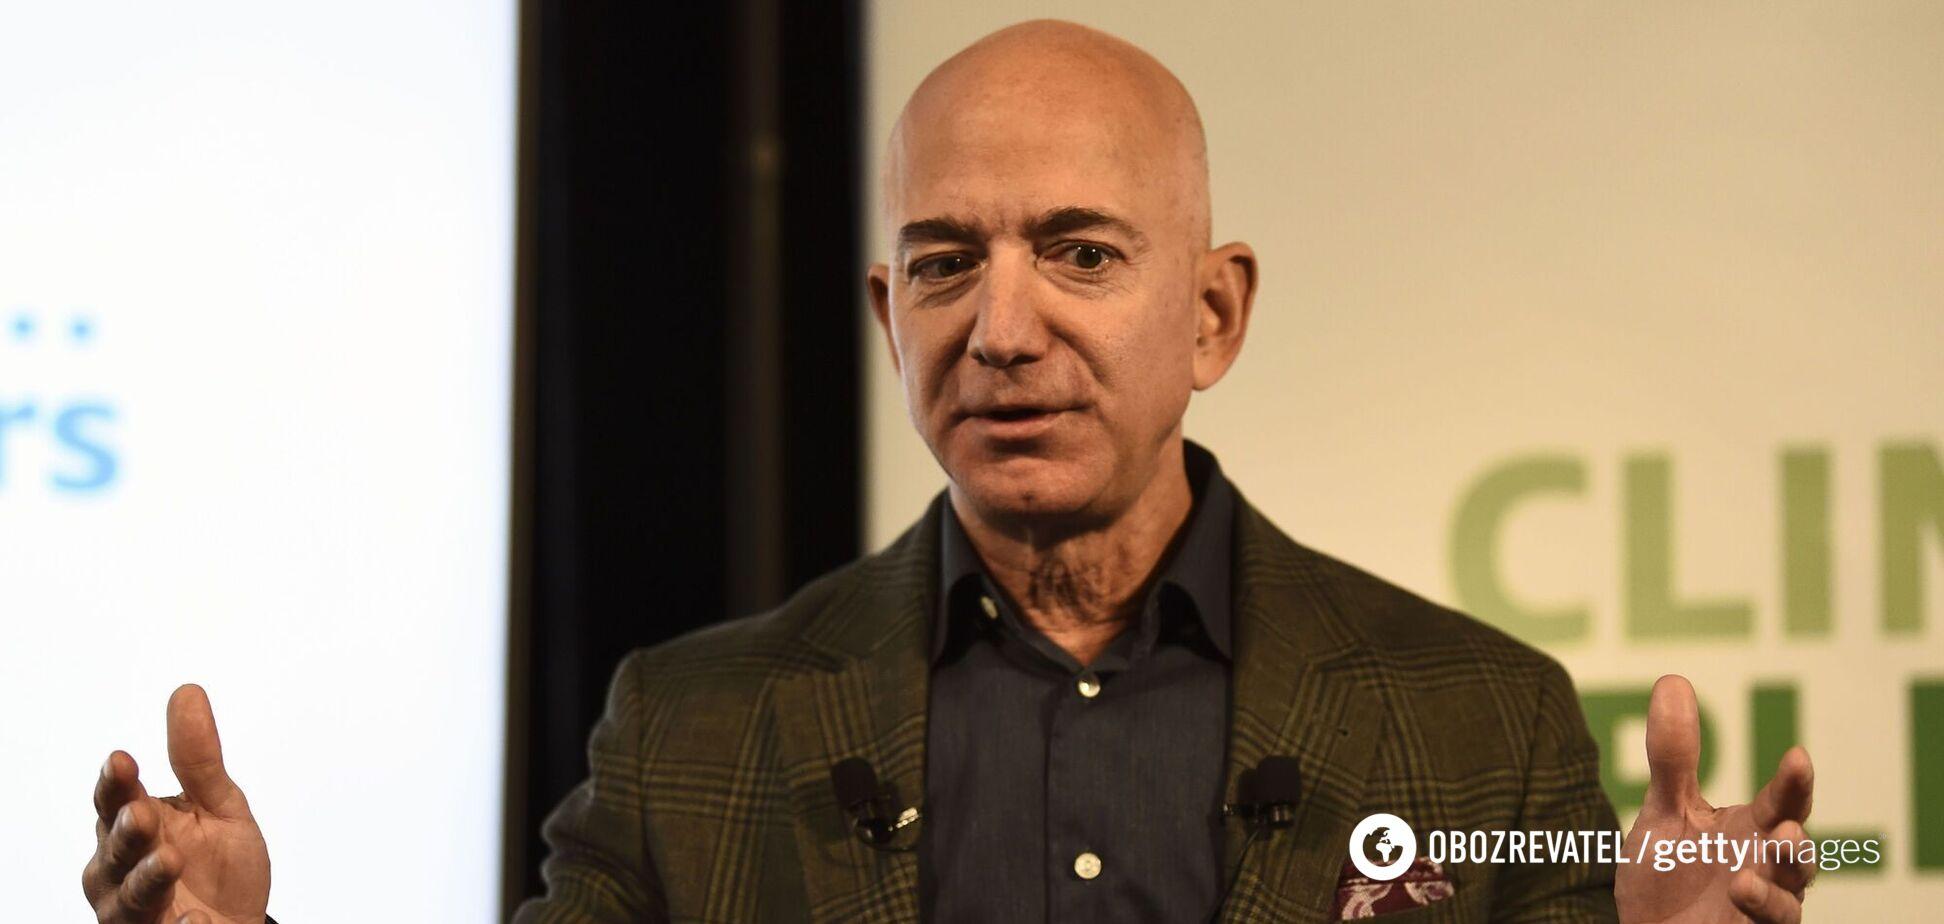 Джефф Безос залишає посаду гендиректора Amazon: цікаві факти про мільярдера